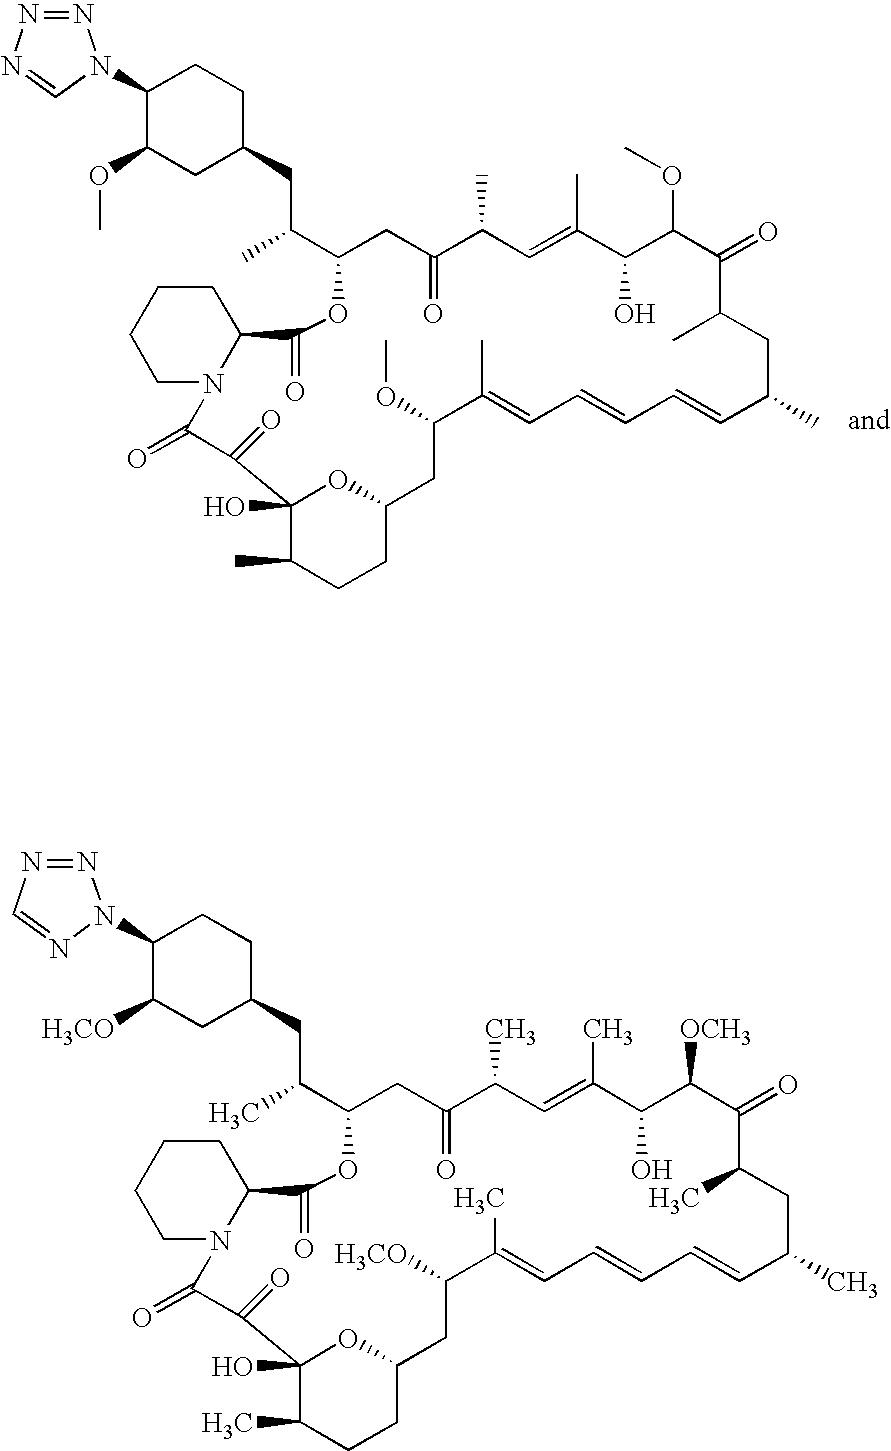 Figure US20090022774A1-20090122-C00012